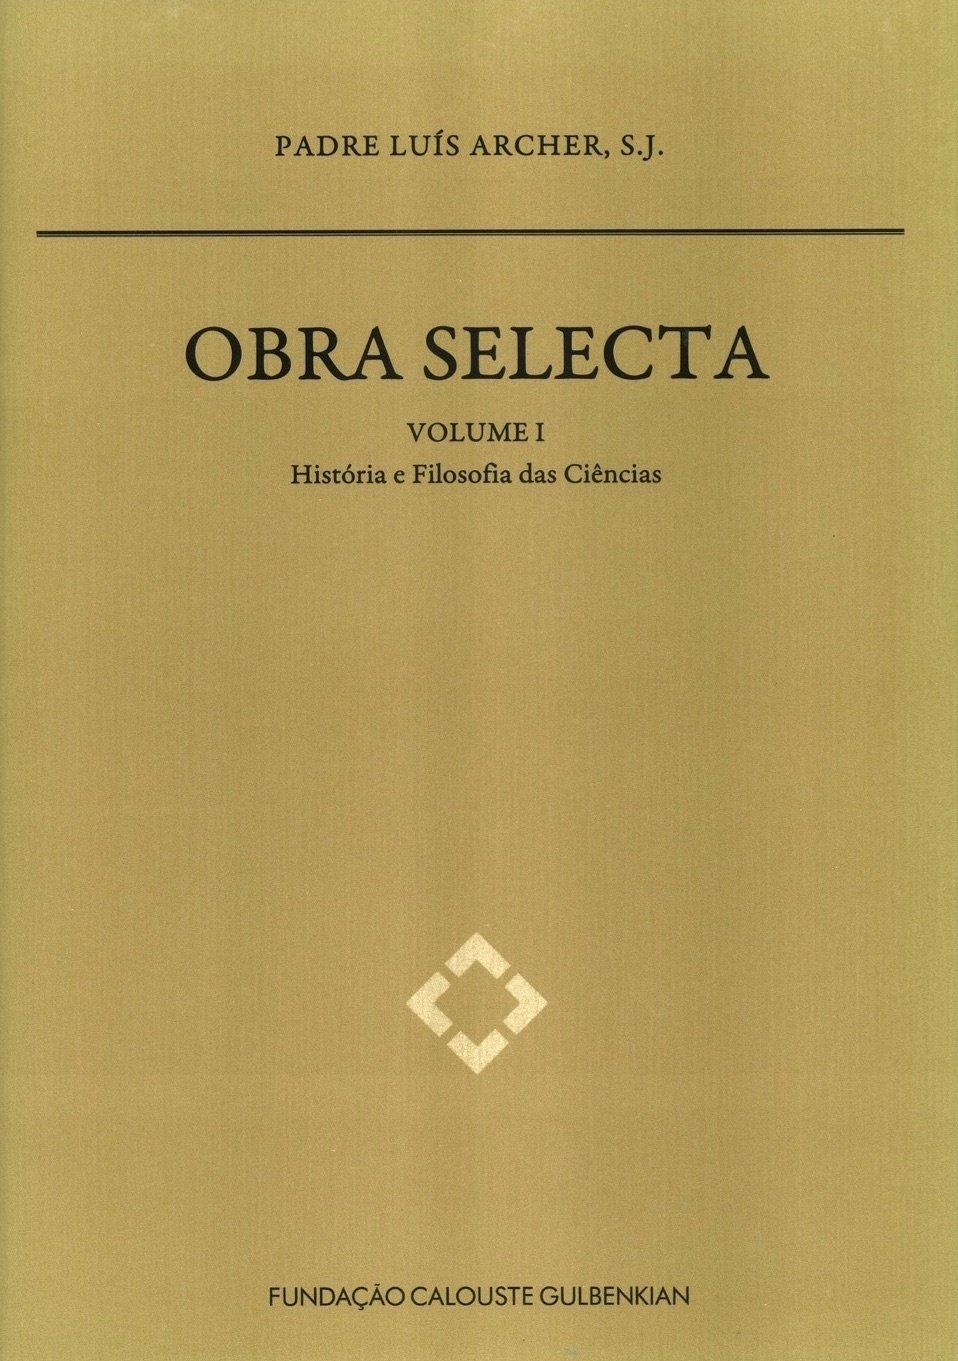 Obra Selecta do Padre Luís Archer, S.J. Volume I: História e Filosofia das Ciências, Capa